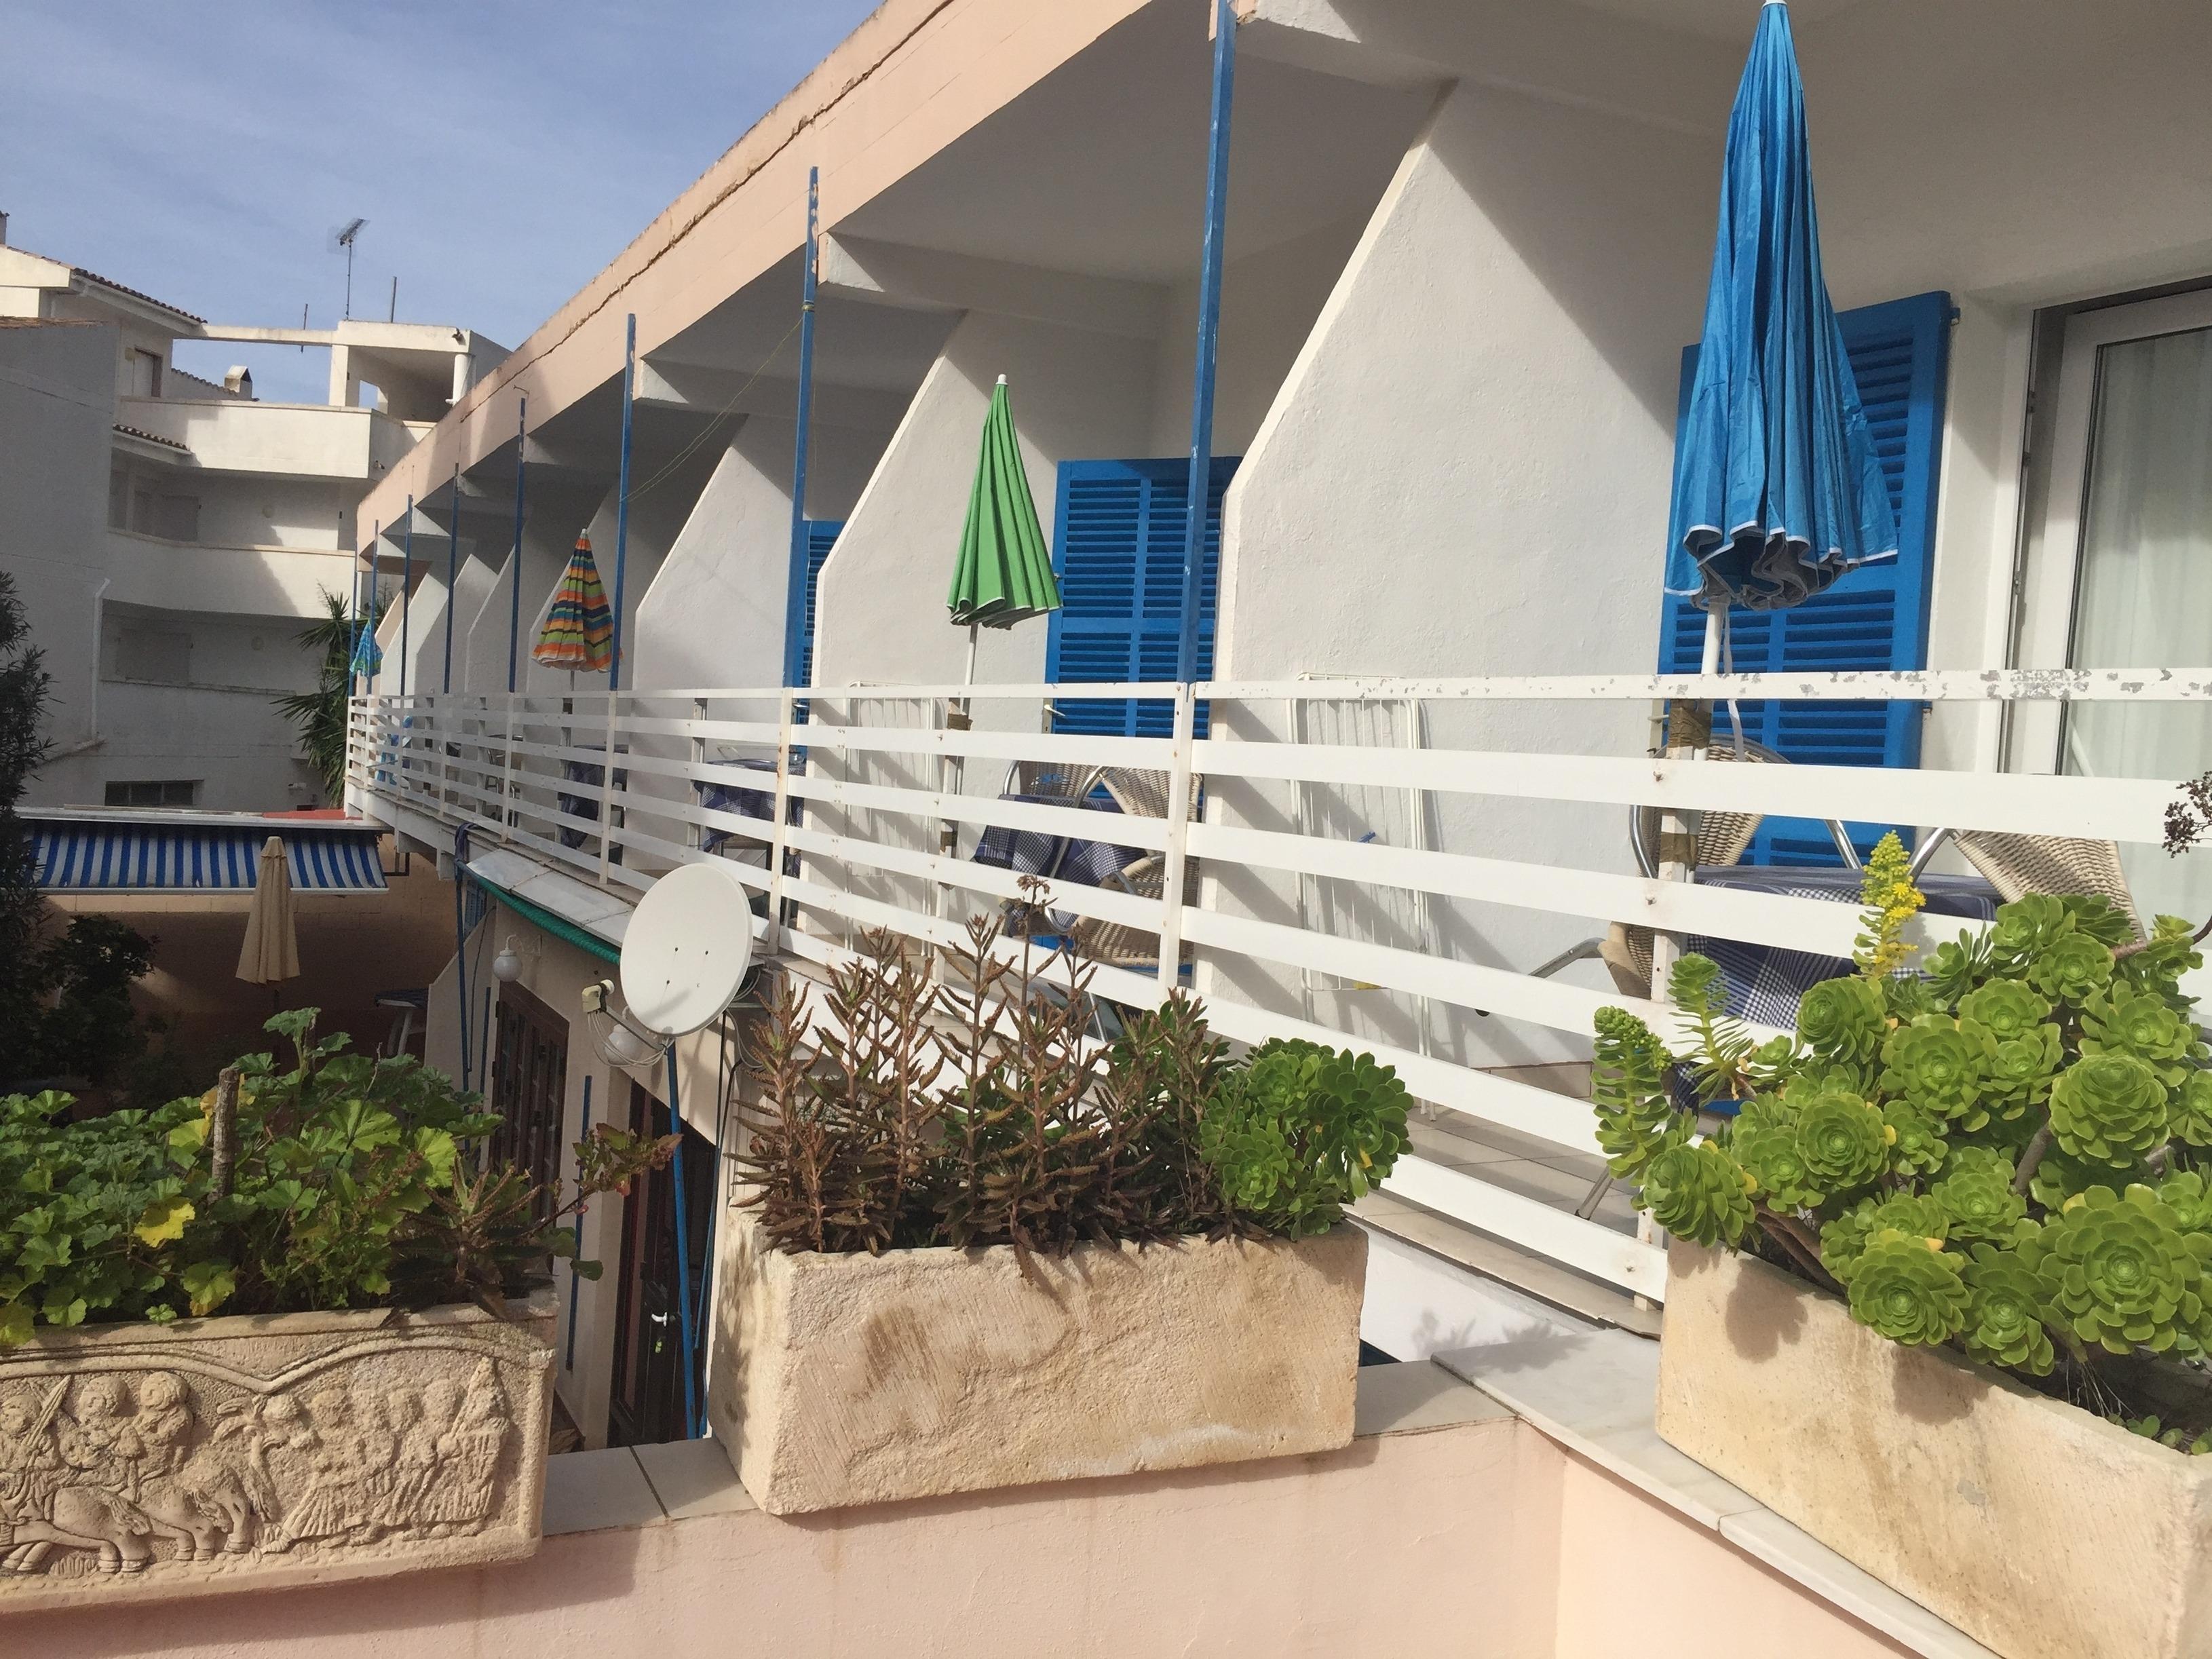 Einfaches & schlichtes Studio Apartment mit Terrasse Strandnah in 300m WLAN